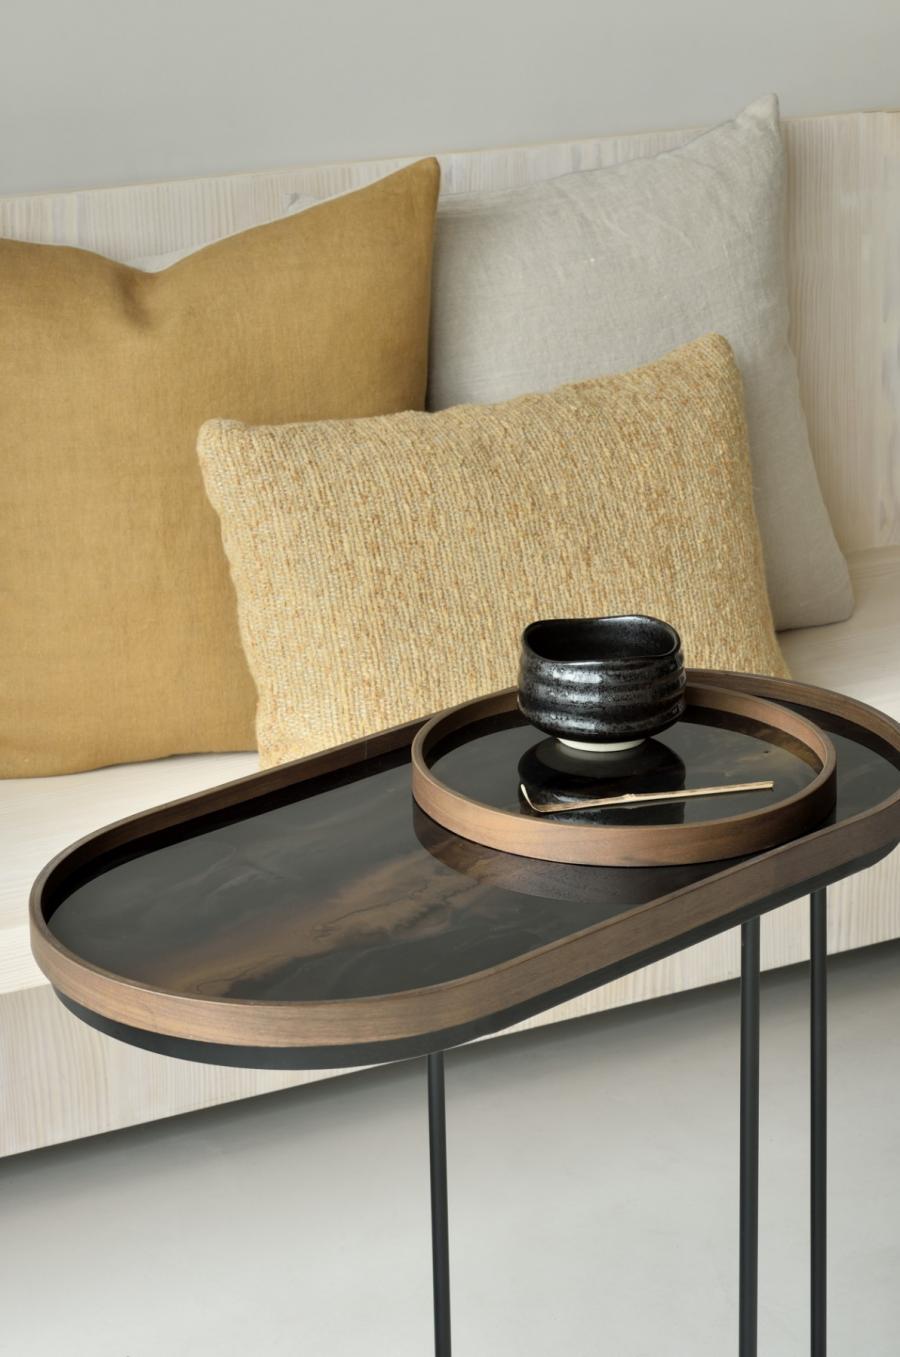 Ethnicraft - Ovalen dienbladen - Bronze Organic glazen dienblad - M